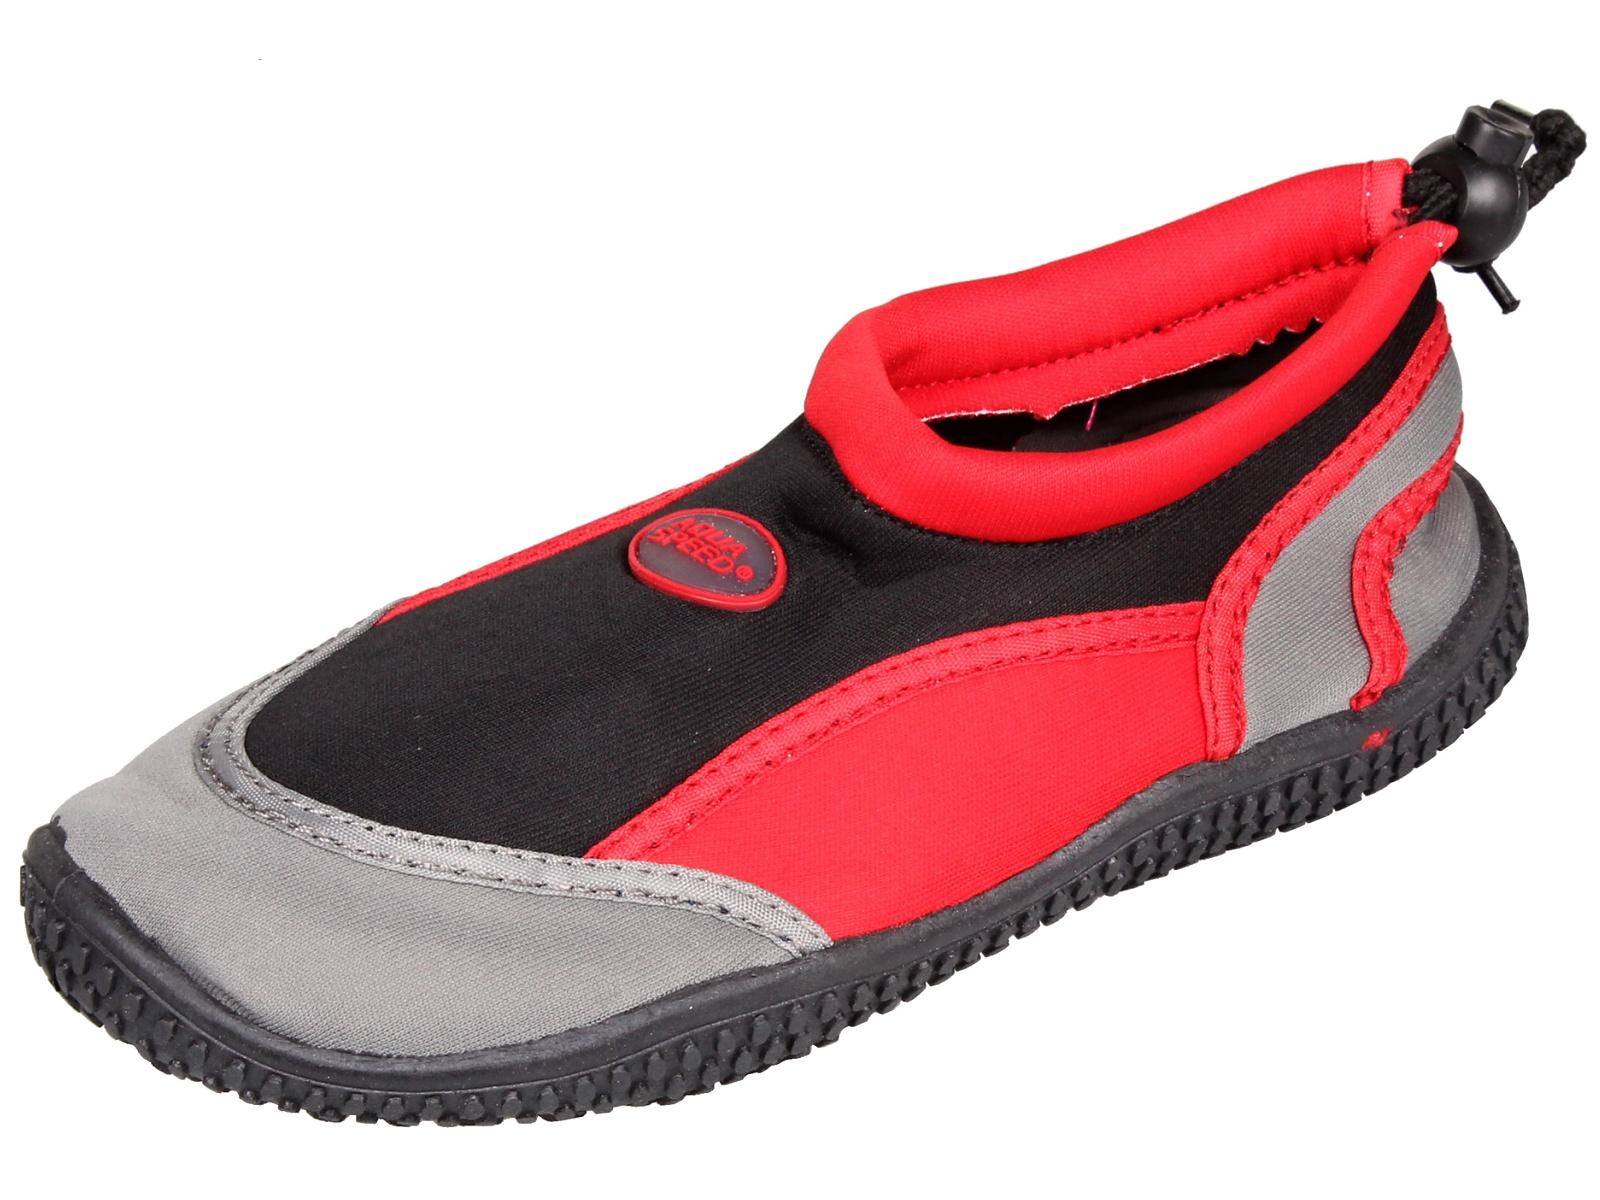 Topánky do vody AQUA-SPEED 21B detské čierne - veľ. 29